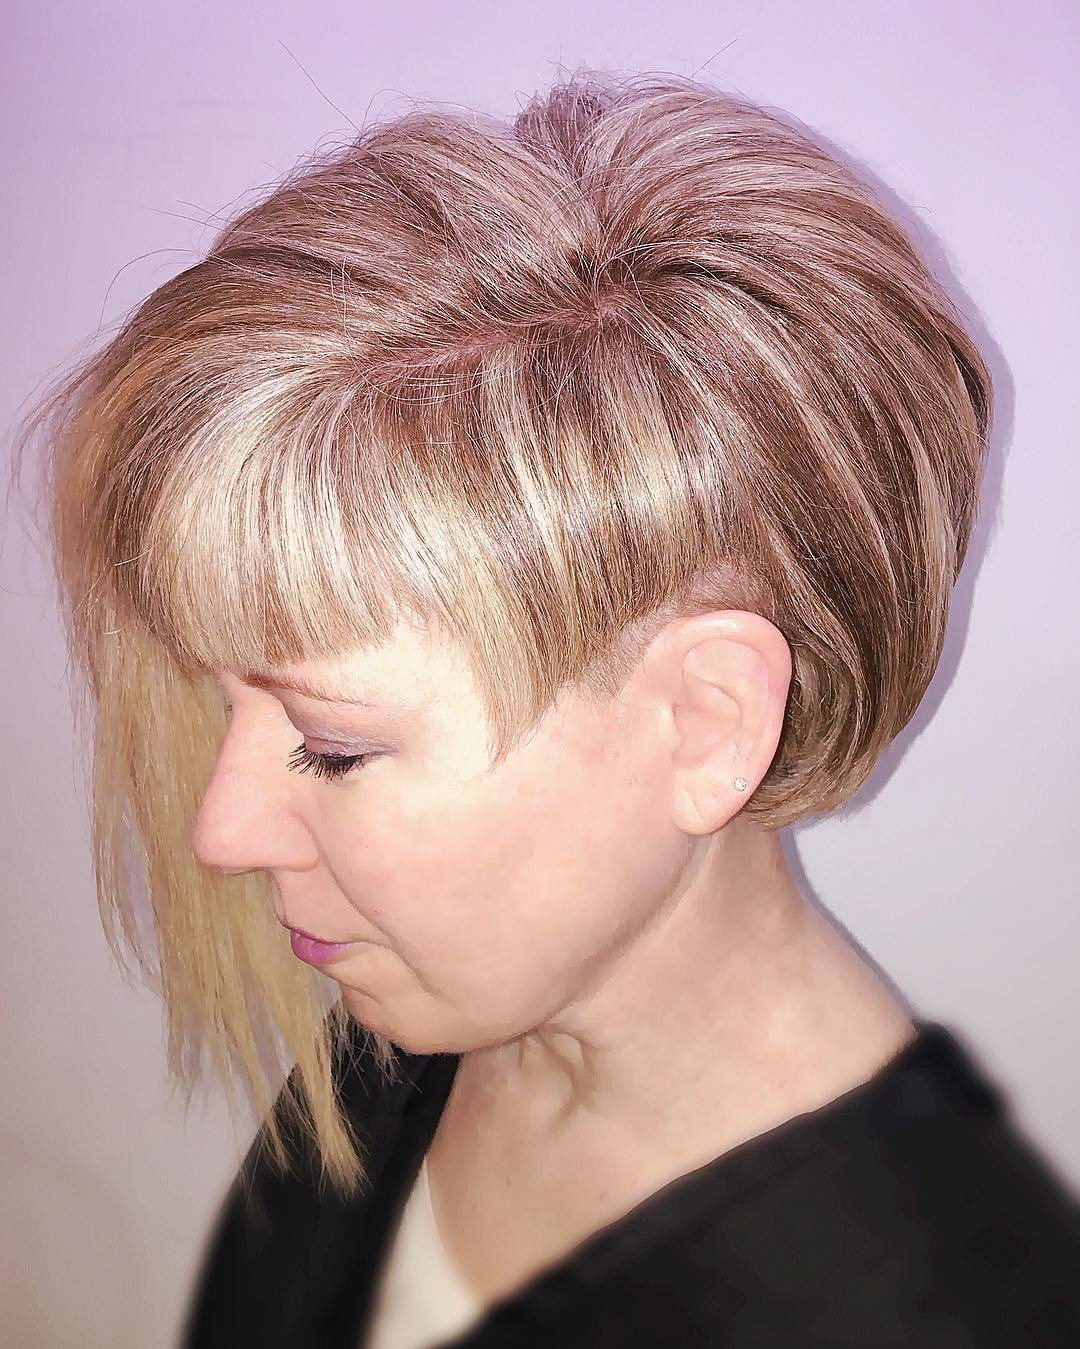 Стрижка боб удлиненная на тонких волосах